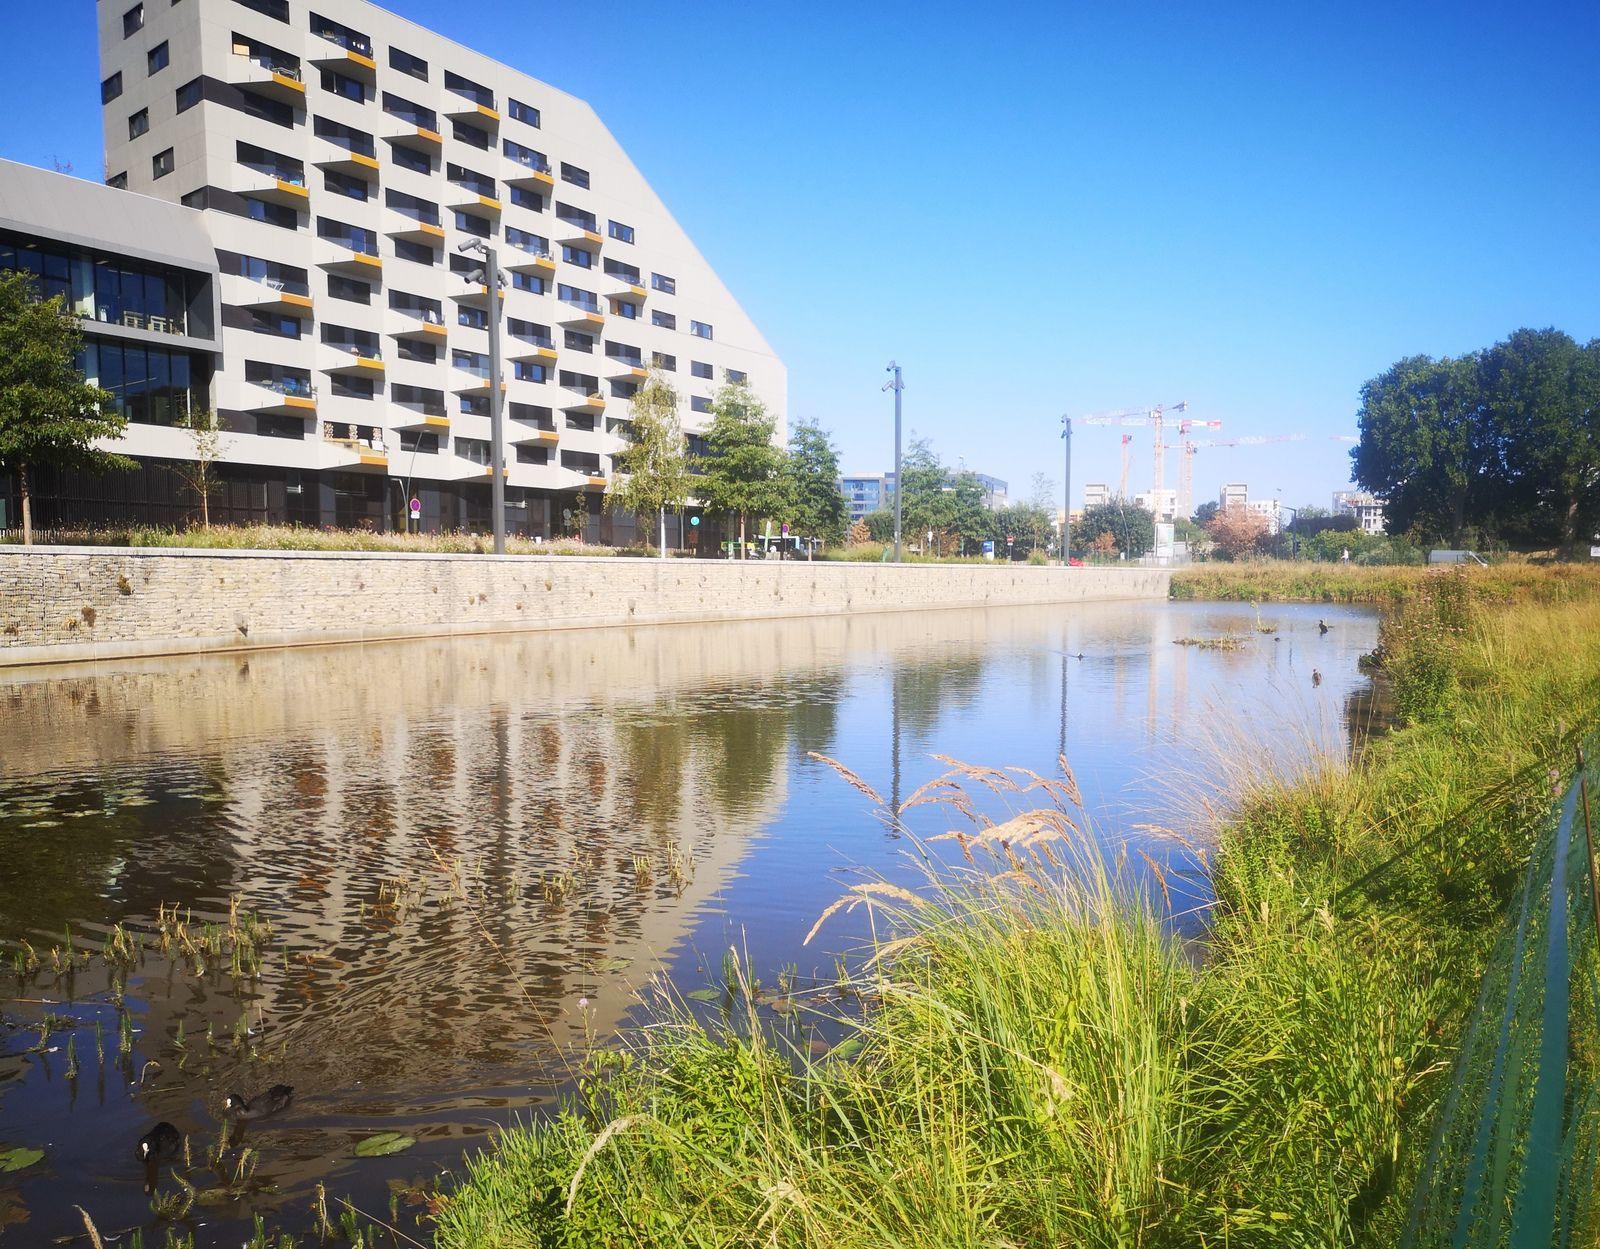 Le parc des docks de Saint-Ouen: verdure, jeux, architecture et street-art.